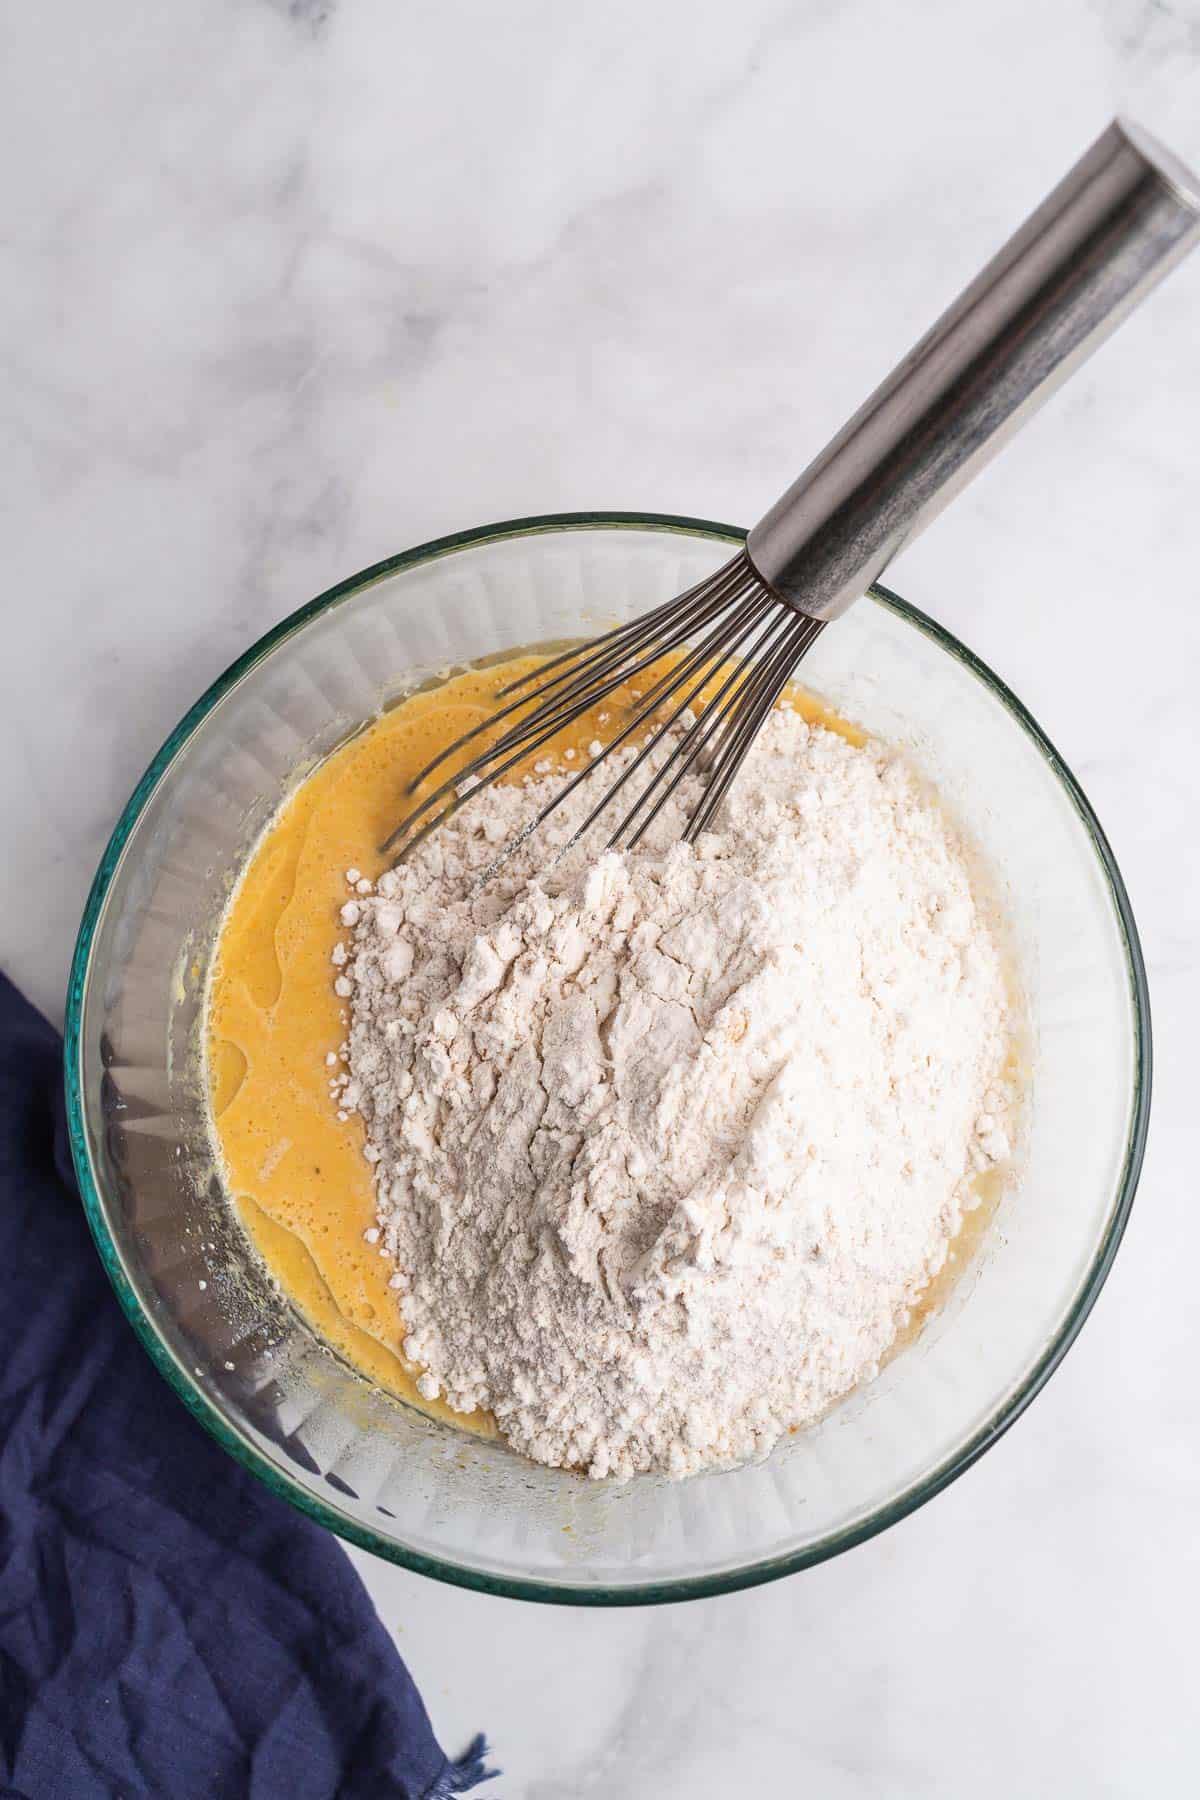 Dry ingredients on top of wet ingredients.